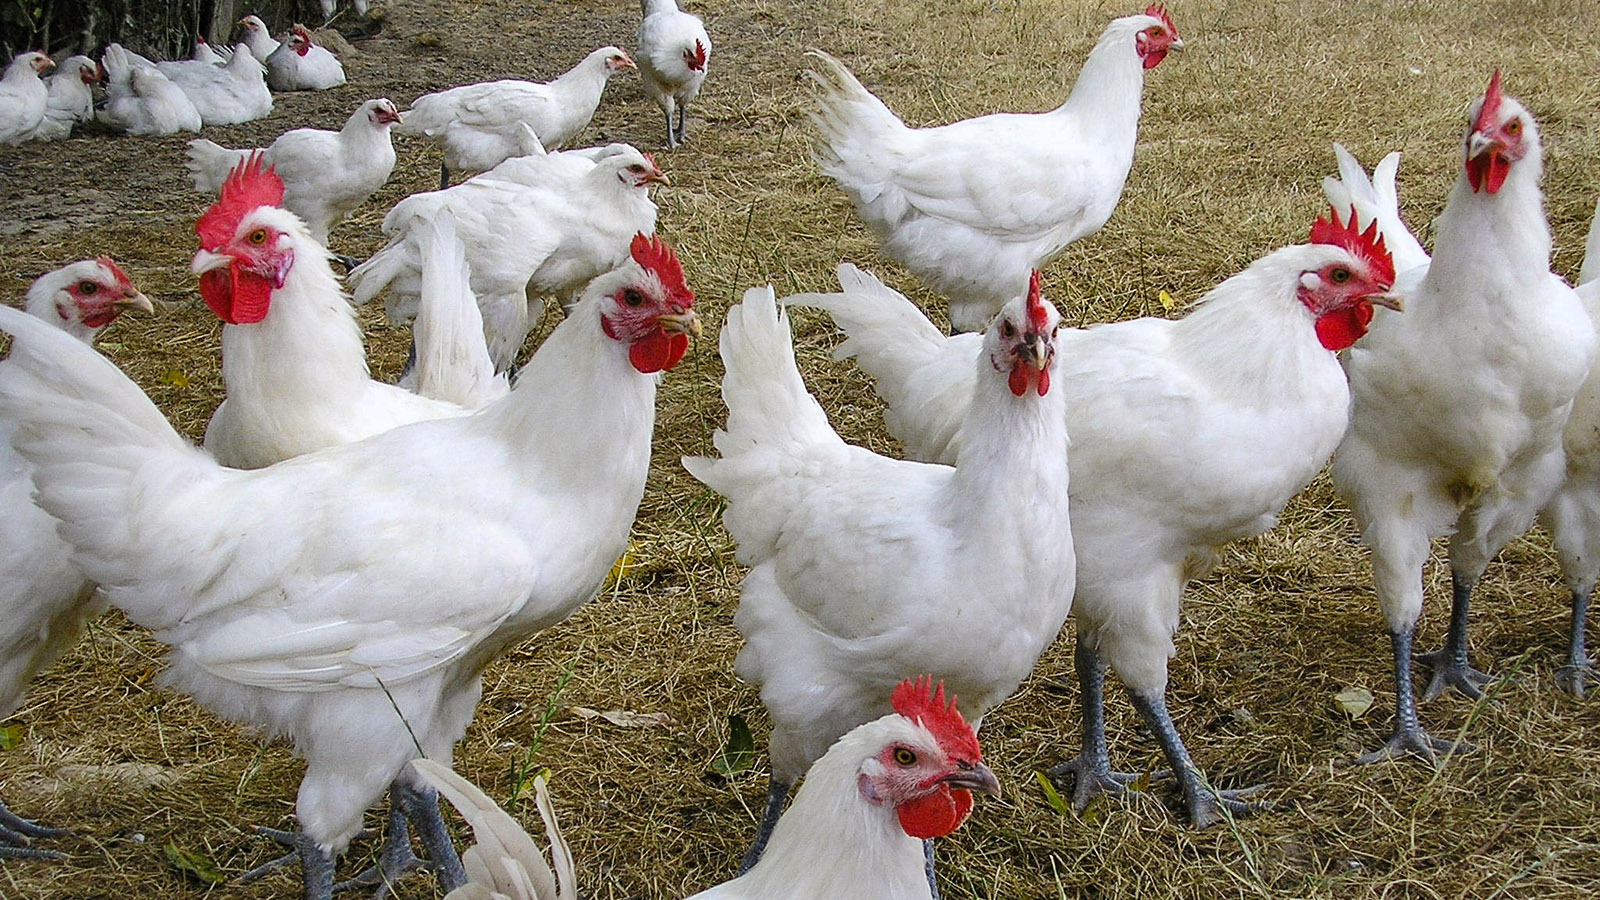 Foto: Comité interprofessionnel de la volaille de Bresse